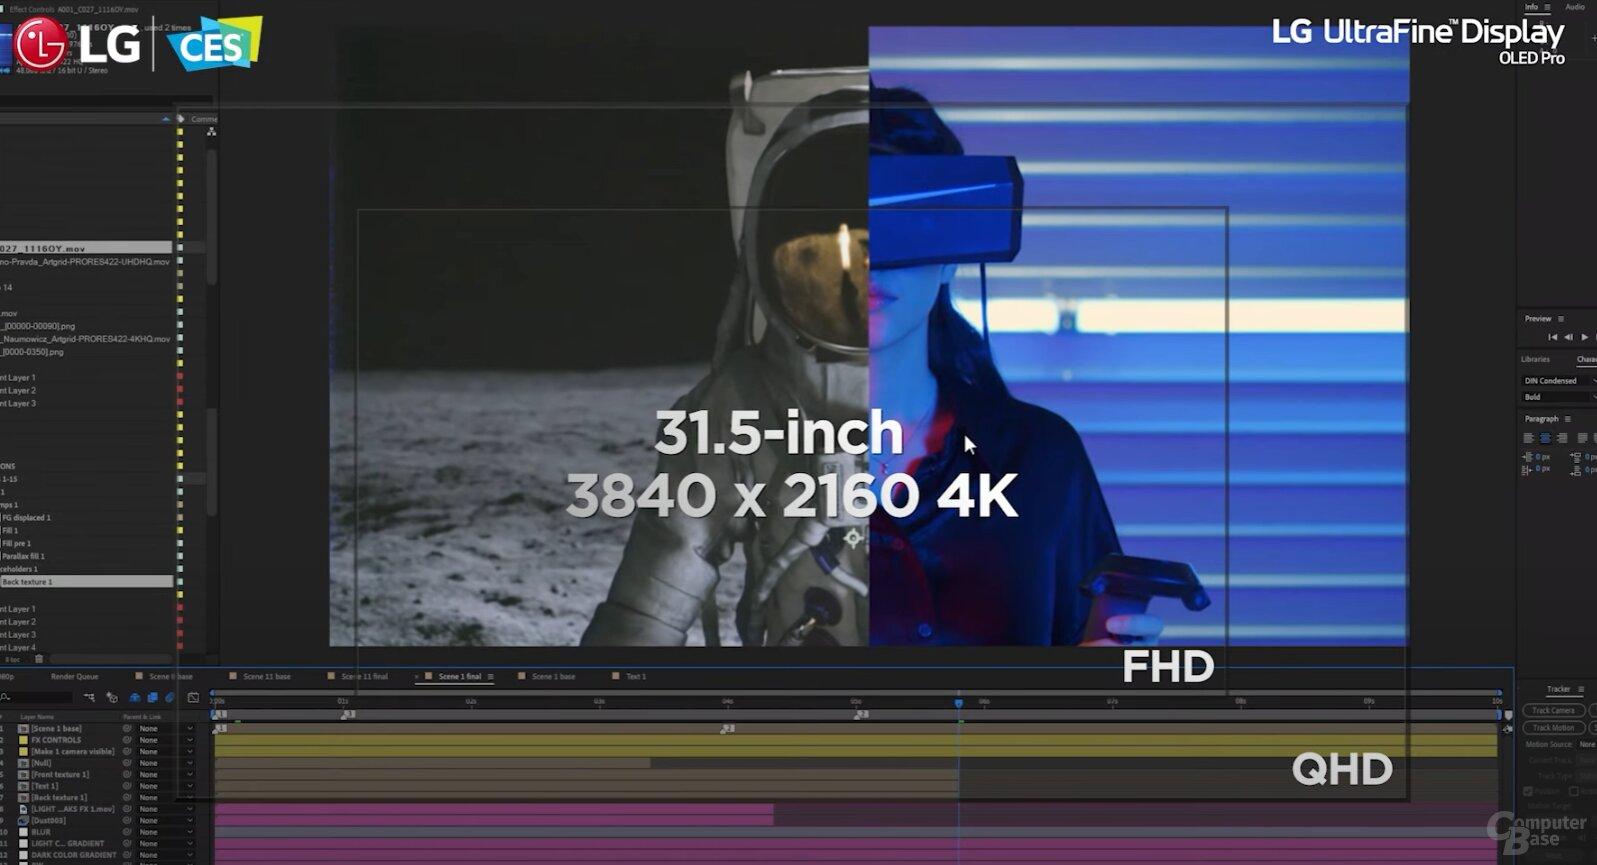 LG UltraFine 32EP950 OLED Pro